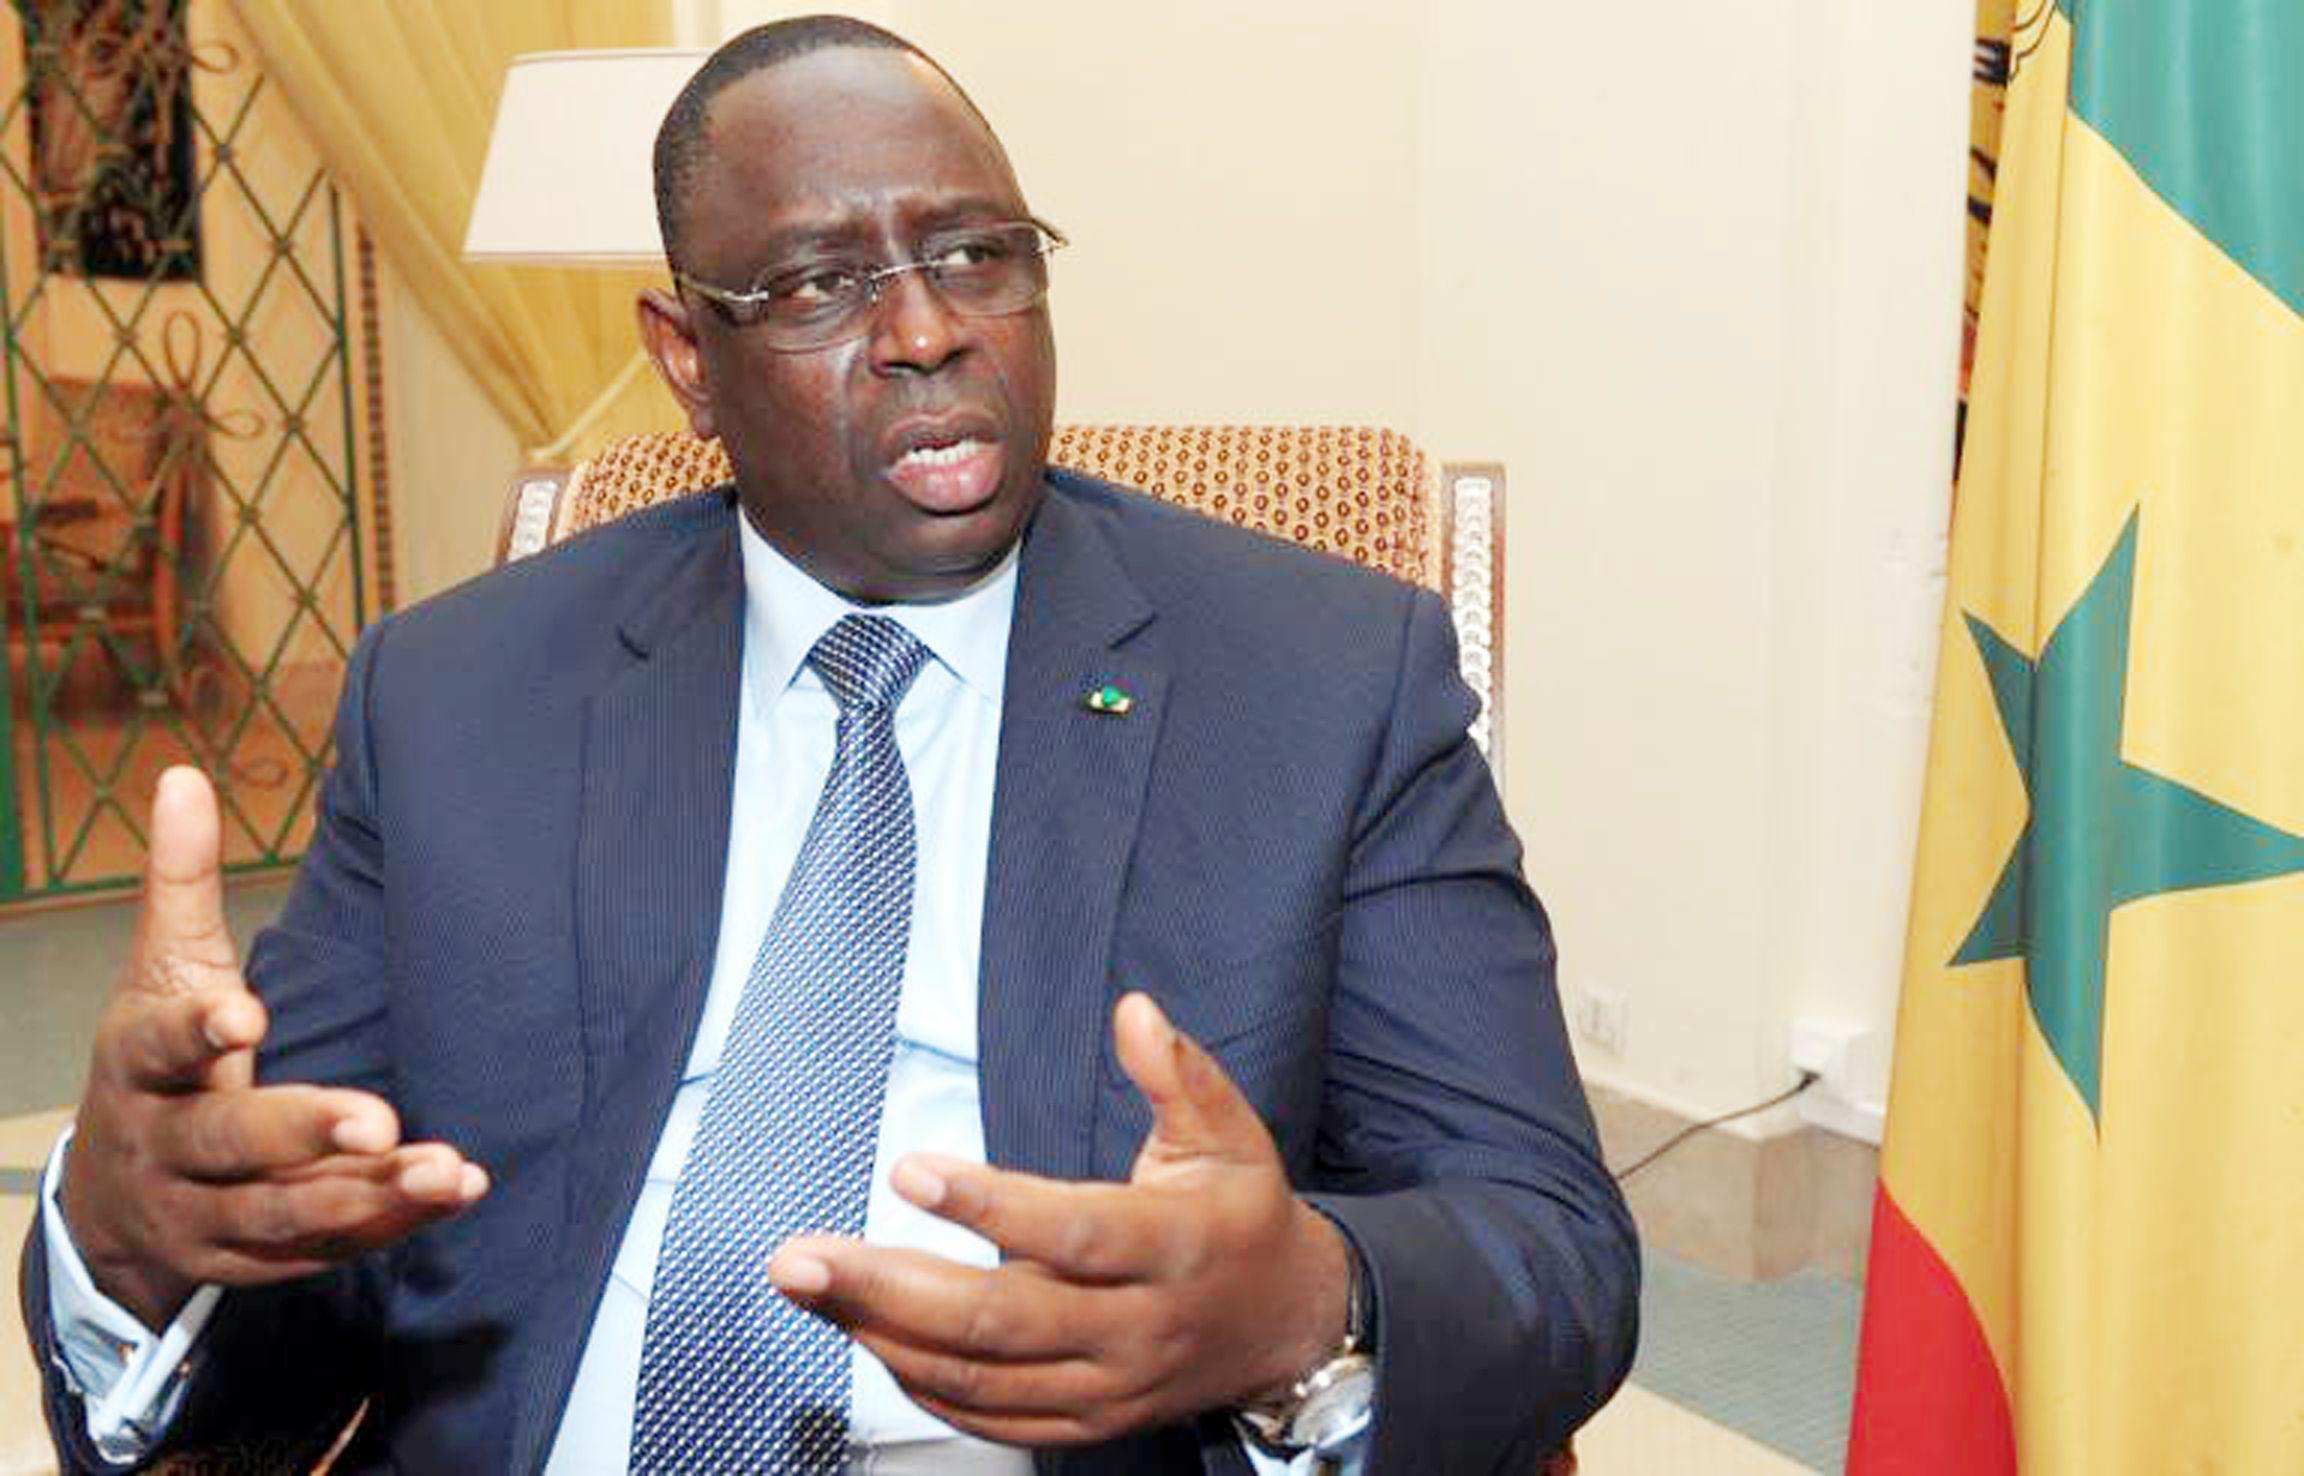 Macky Sall avait envoyé des émissaires la veille, pour s'enquérir de la santé de Mbaye Jacques Diop